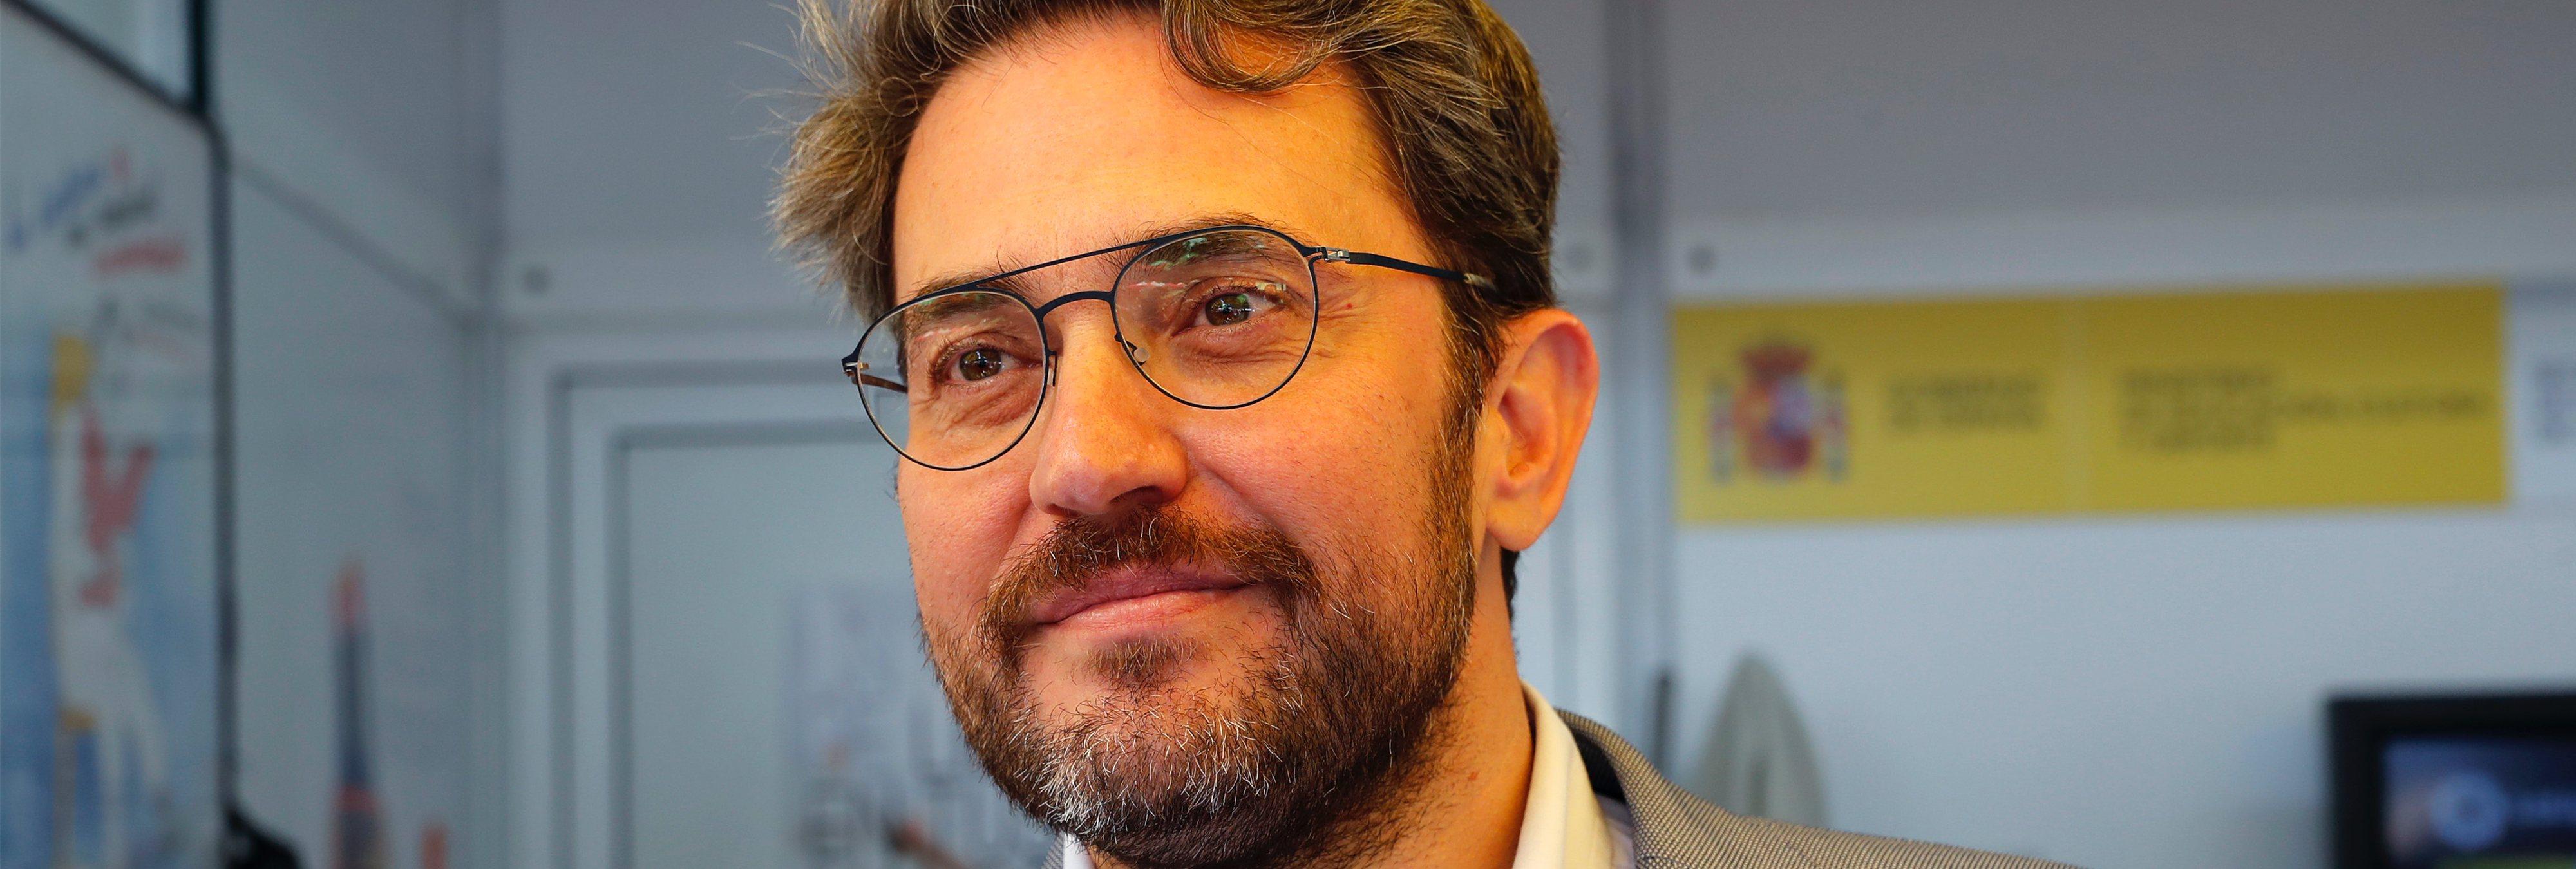 Màxim Huerta defraudó a Hacienda más de 200.000 euros a través de una sociedad